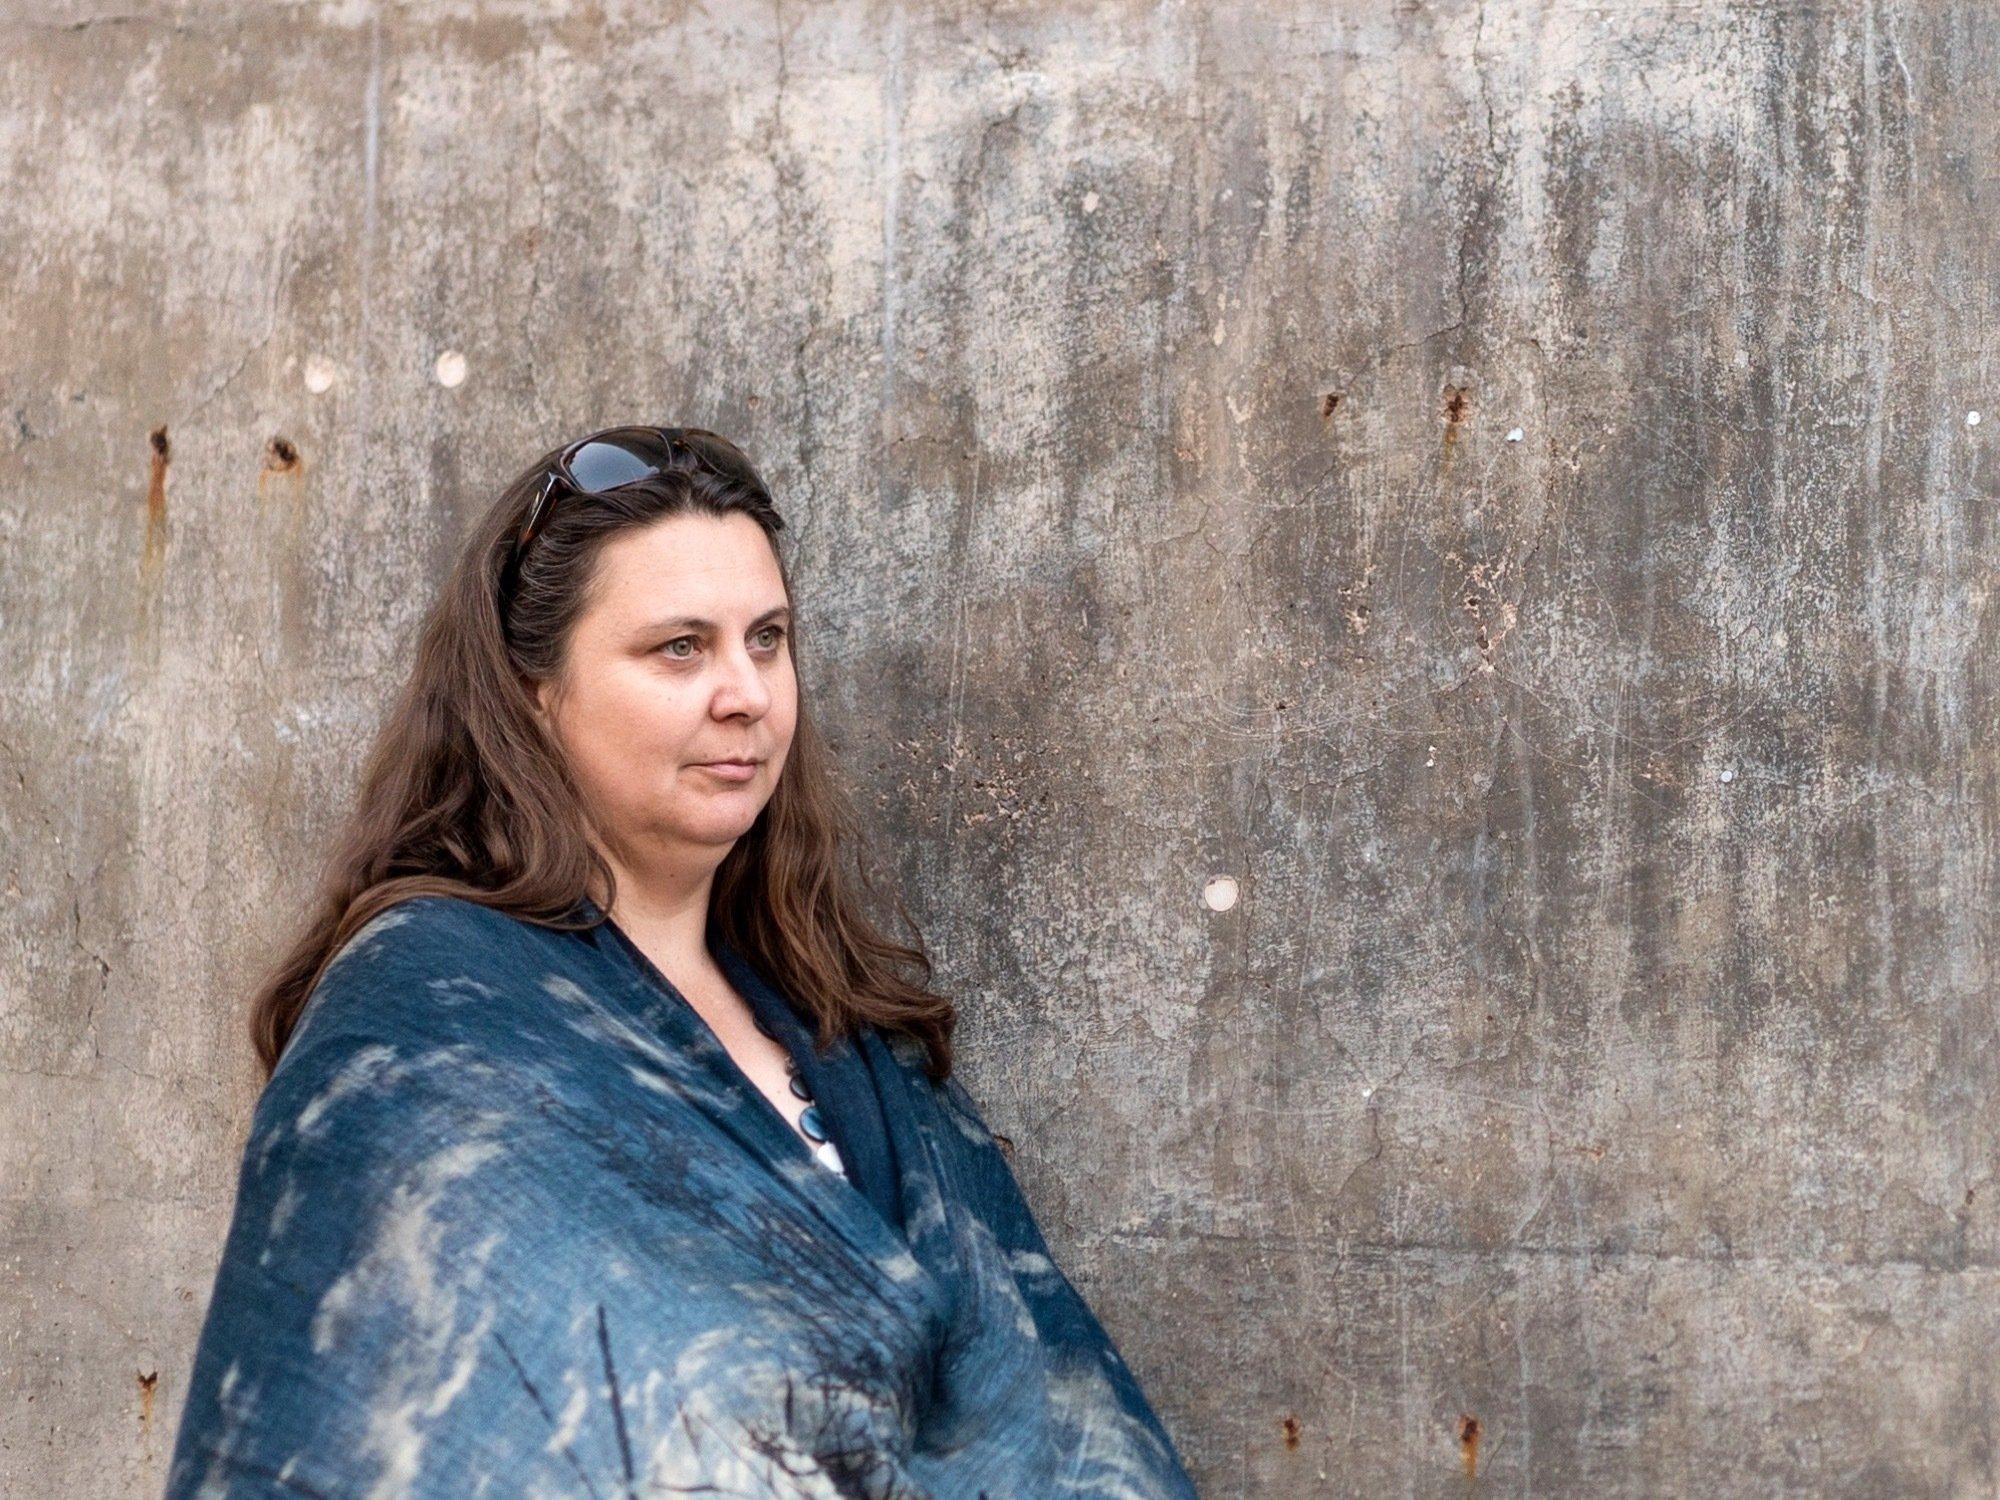 Auf dem Bild steht die Klimaforscherin Nerilie Abram in ein schönes blaues Tuch gehüllt vor einer kahlen Betonwand. Sie schaut nachdenklich in die Ferne.